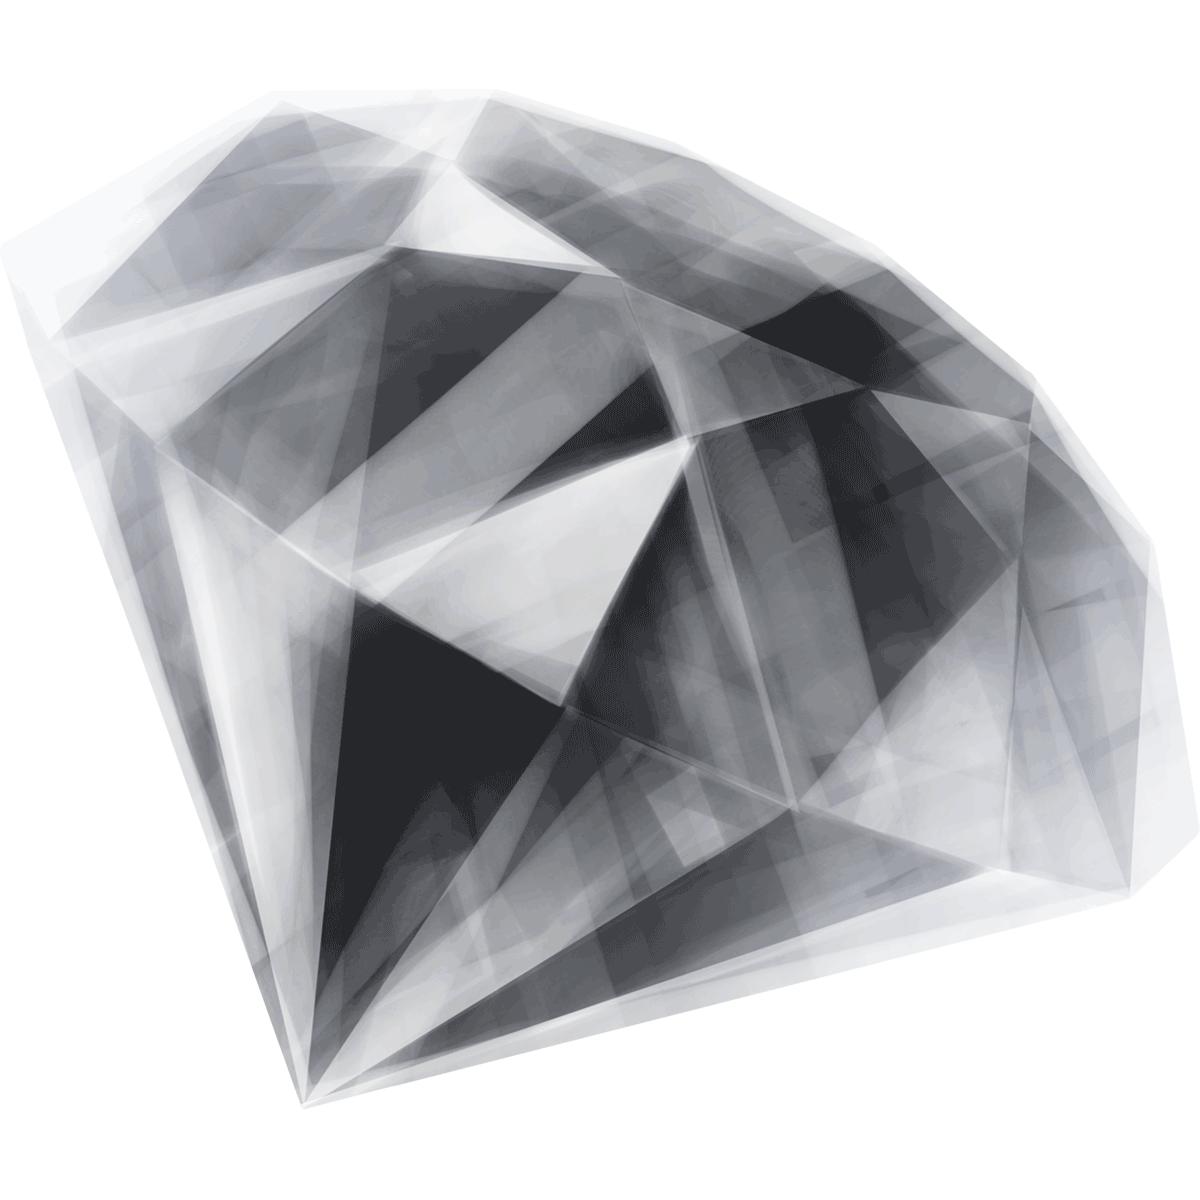 【手描き/宝石】ダイヤモンドの無料イラスト